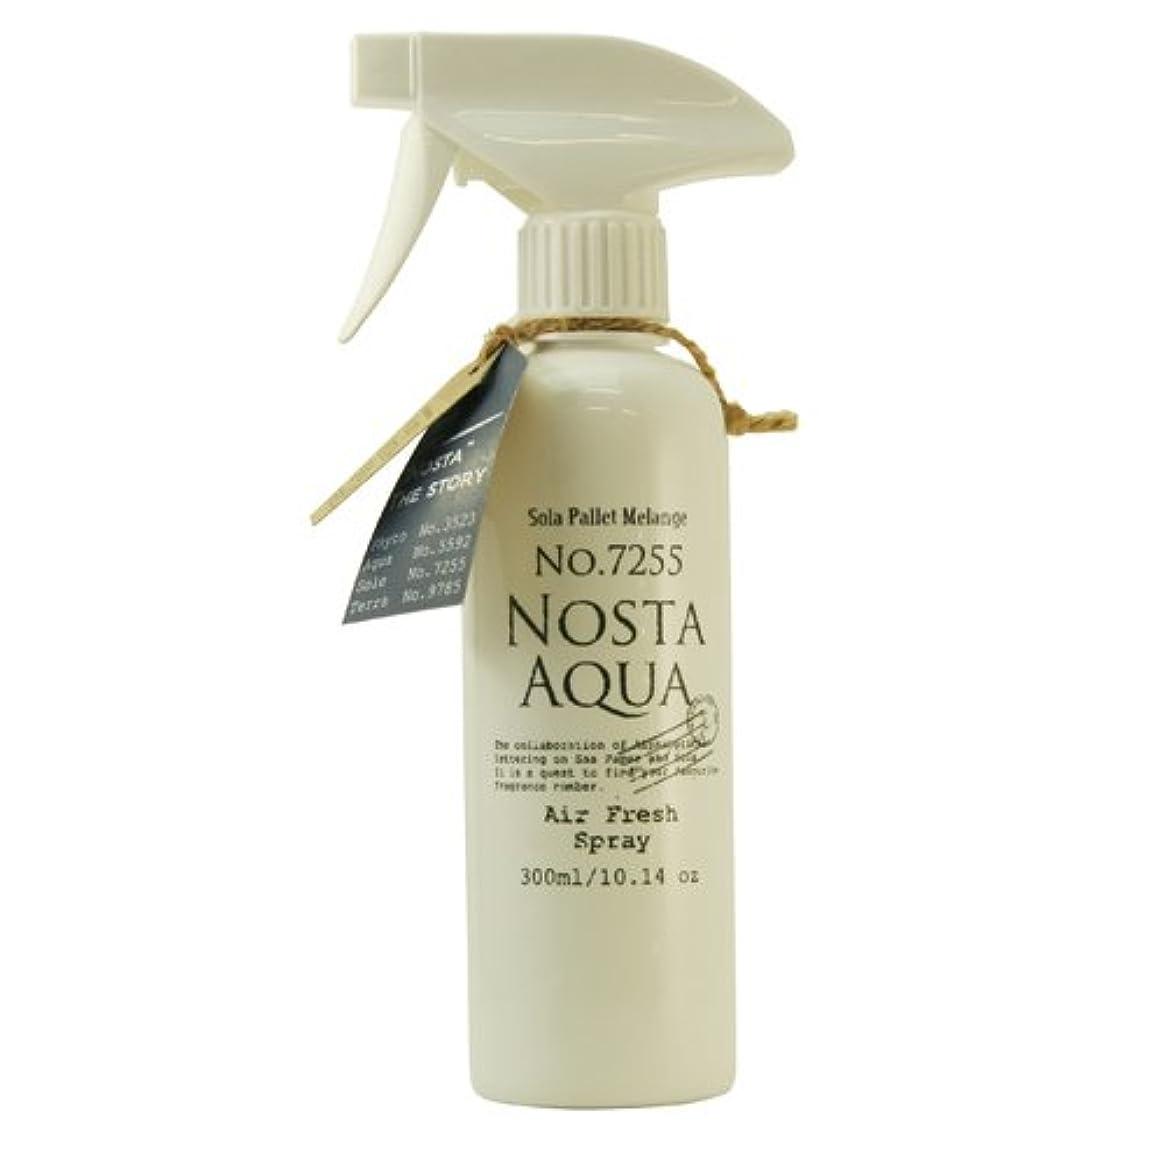 タオル形式かび臭いNosta ノスタ Air Fresh Spray エアーフレッシュスプレー(ルームスプレー)Aqua アクア / 生命の起源